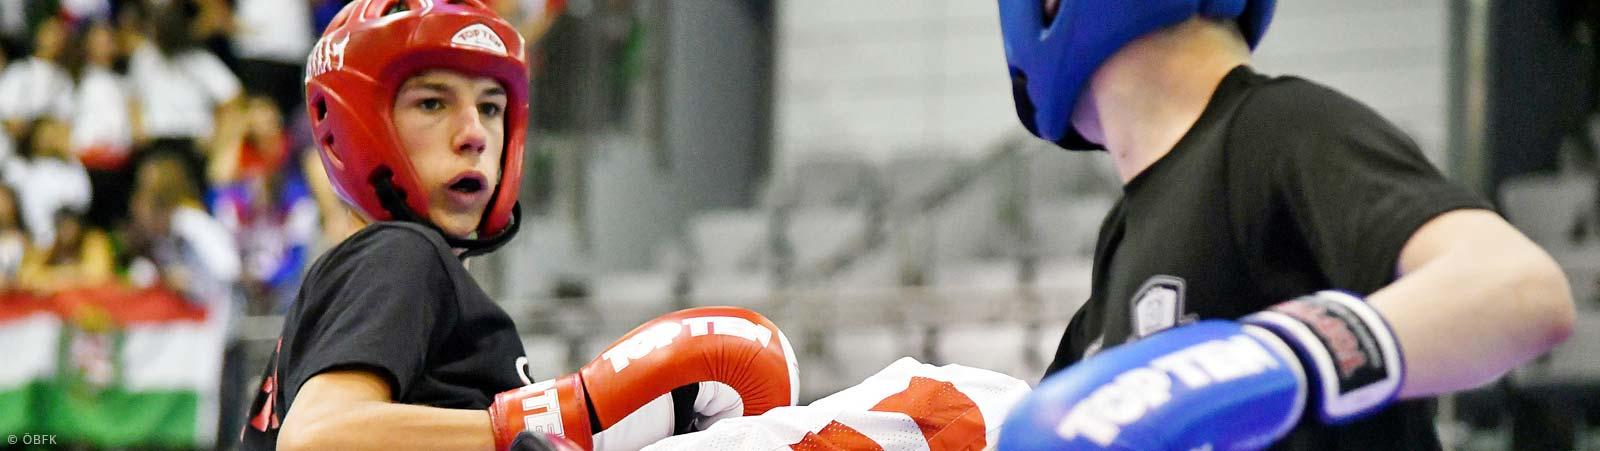 Kick- und Thaiboxen